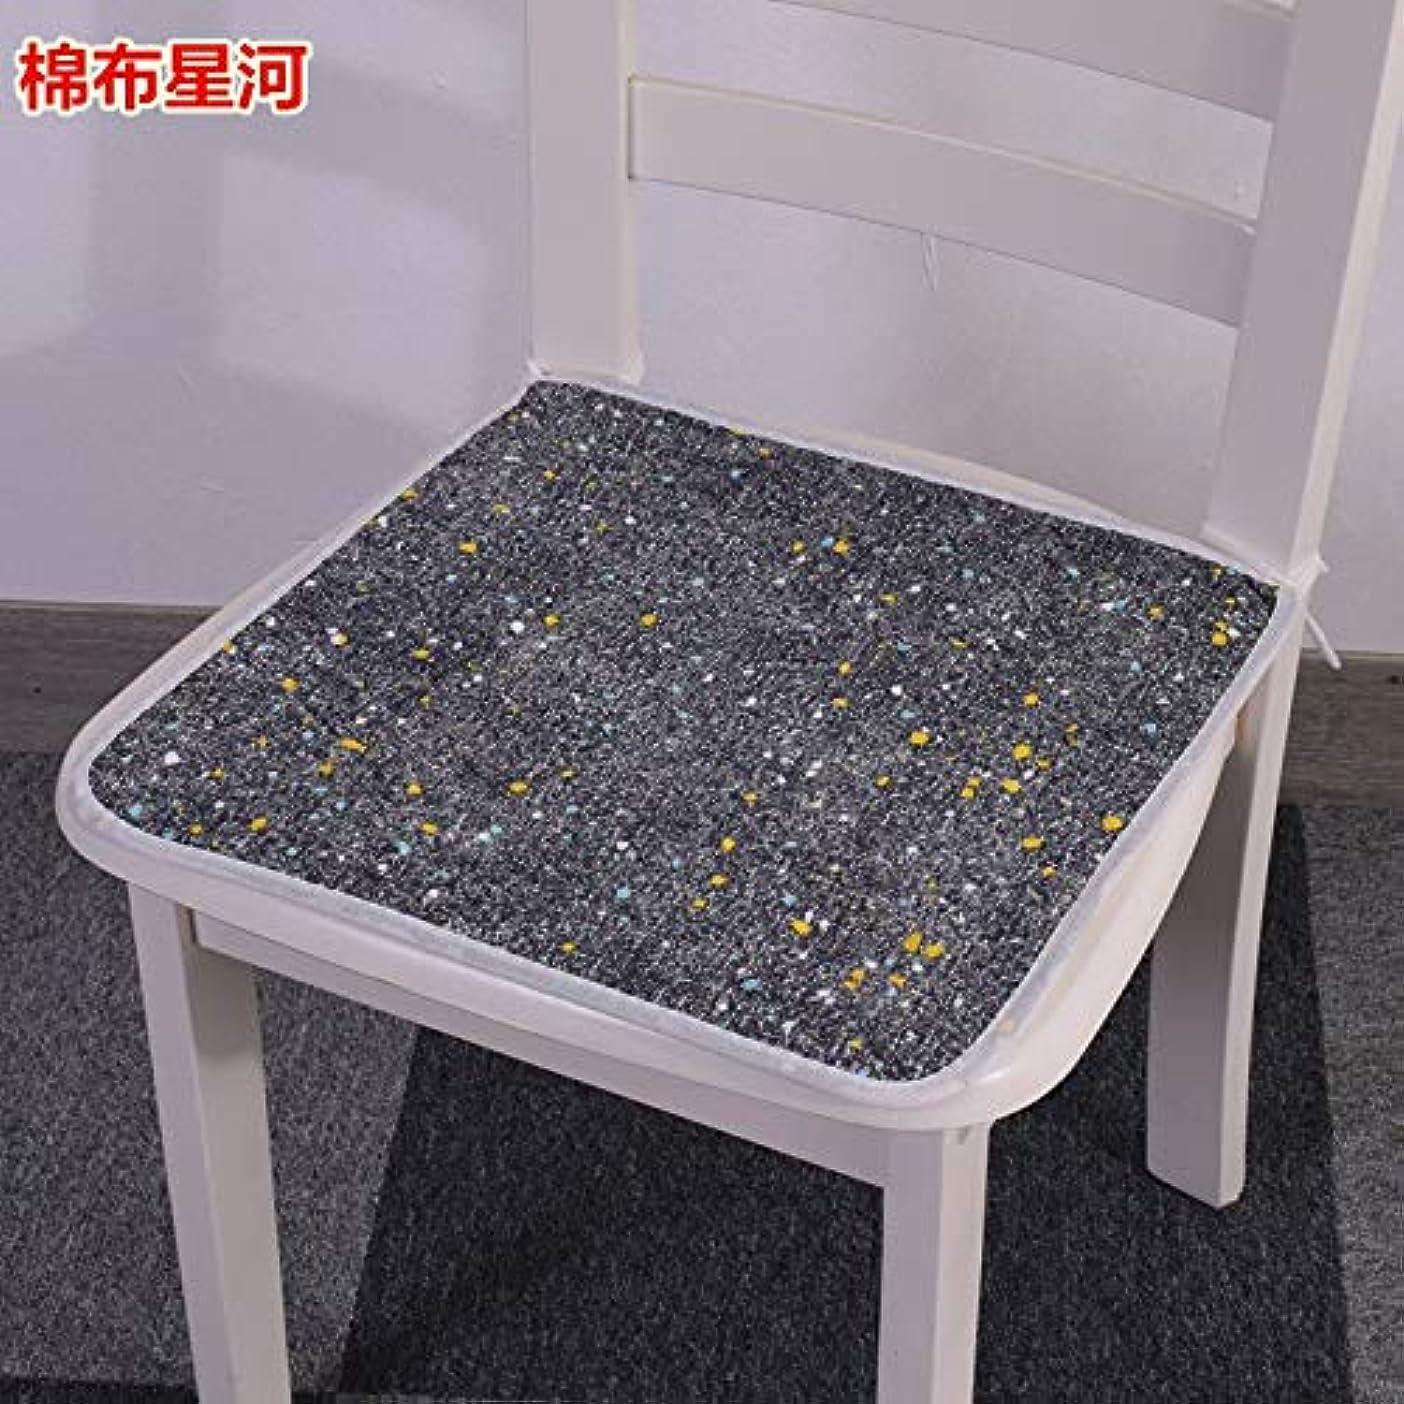 見通しまさにクレアLIFE 現代スーパーソフト椅子クッション非スリップシートクッションマットソファホームデコレーションバッククッションチェアパッド 40*40/45*45/50*50 センチメートル クッション 椅子